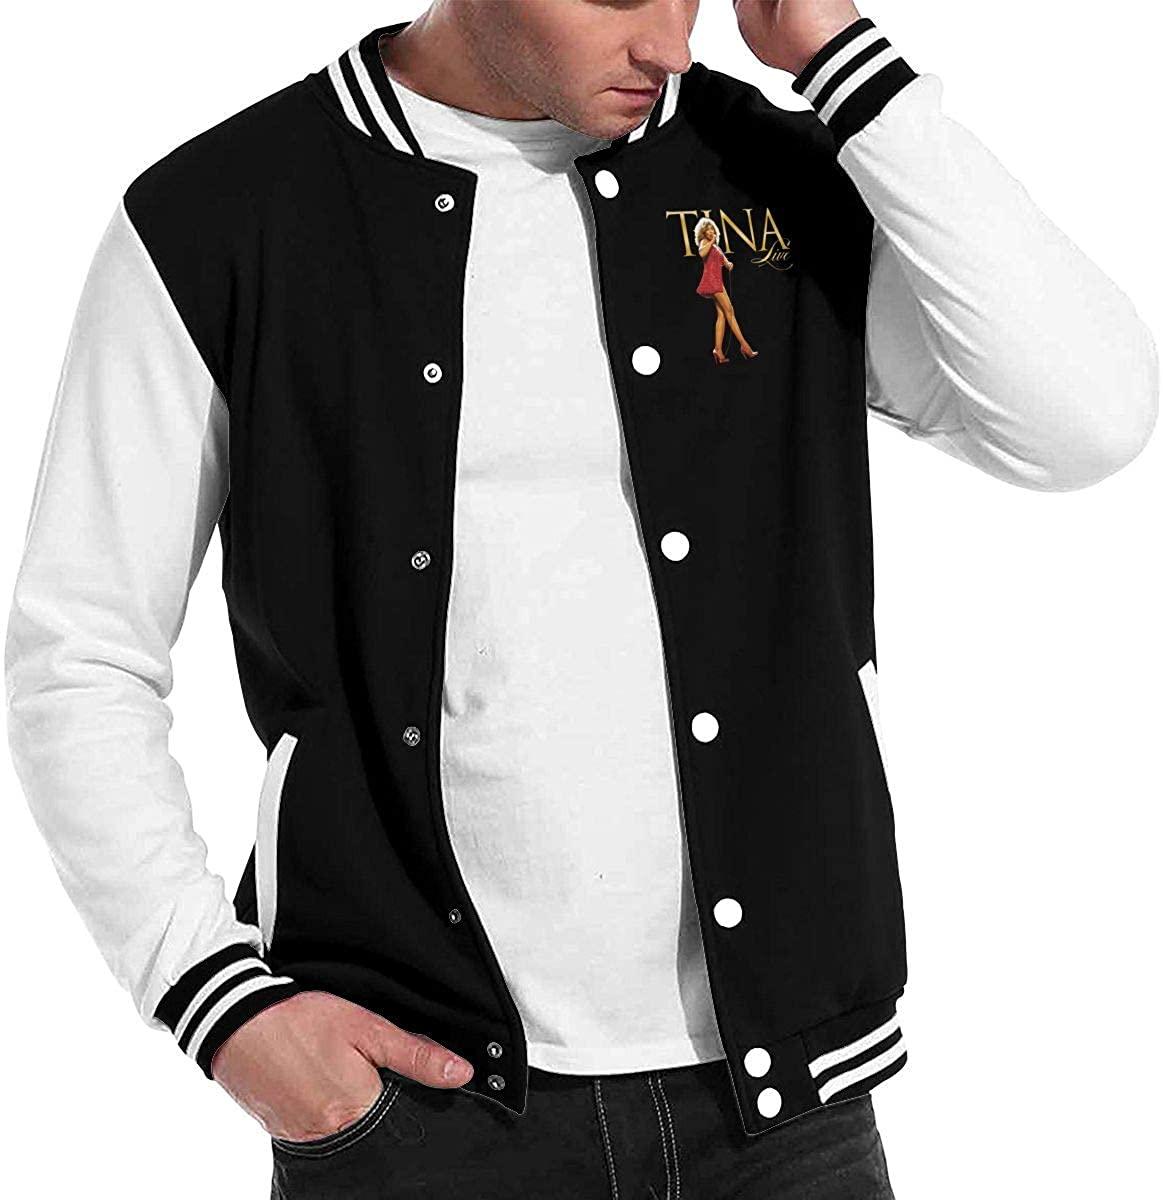 SusanHuling Tina Turner Unisex Casual Baseball Jacket Coat Slim Fit Lightweight Jacket Varsity Jacket